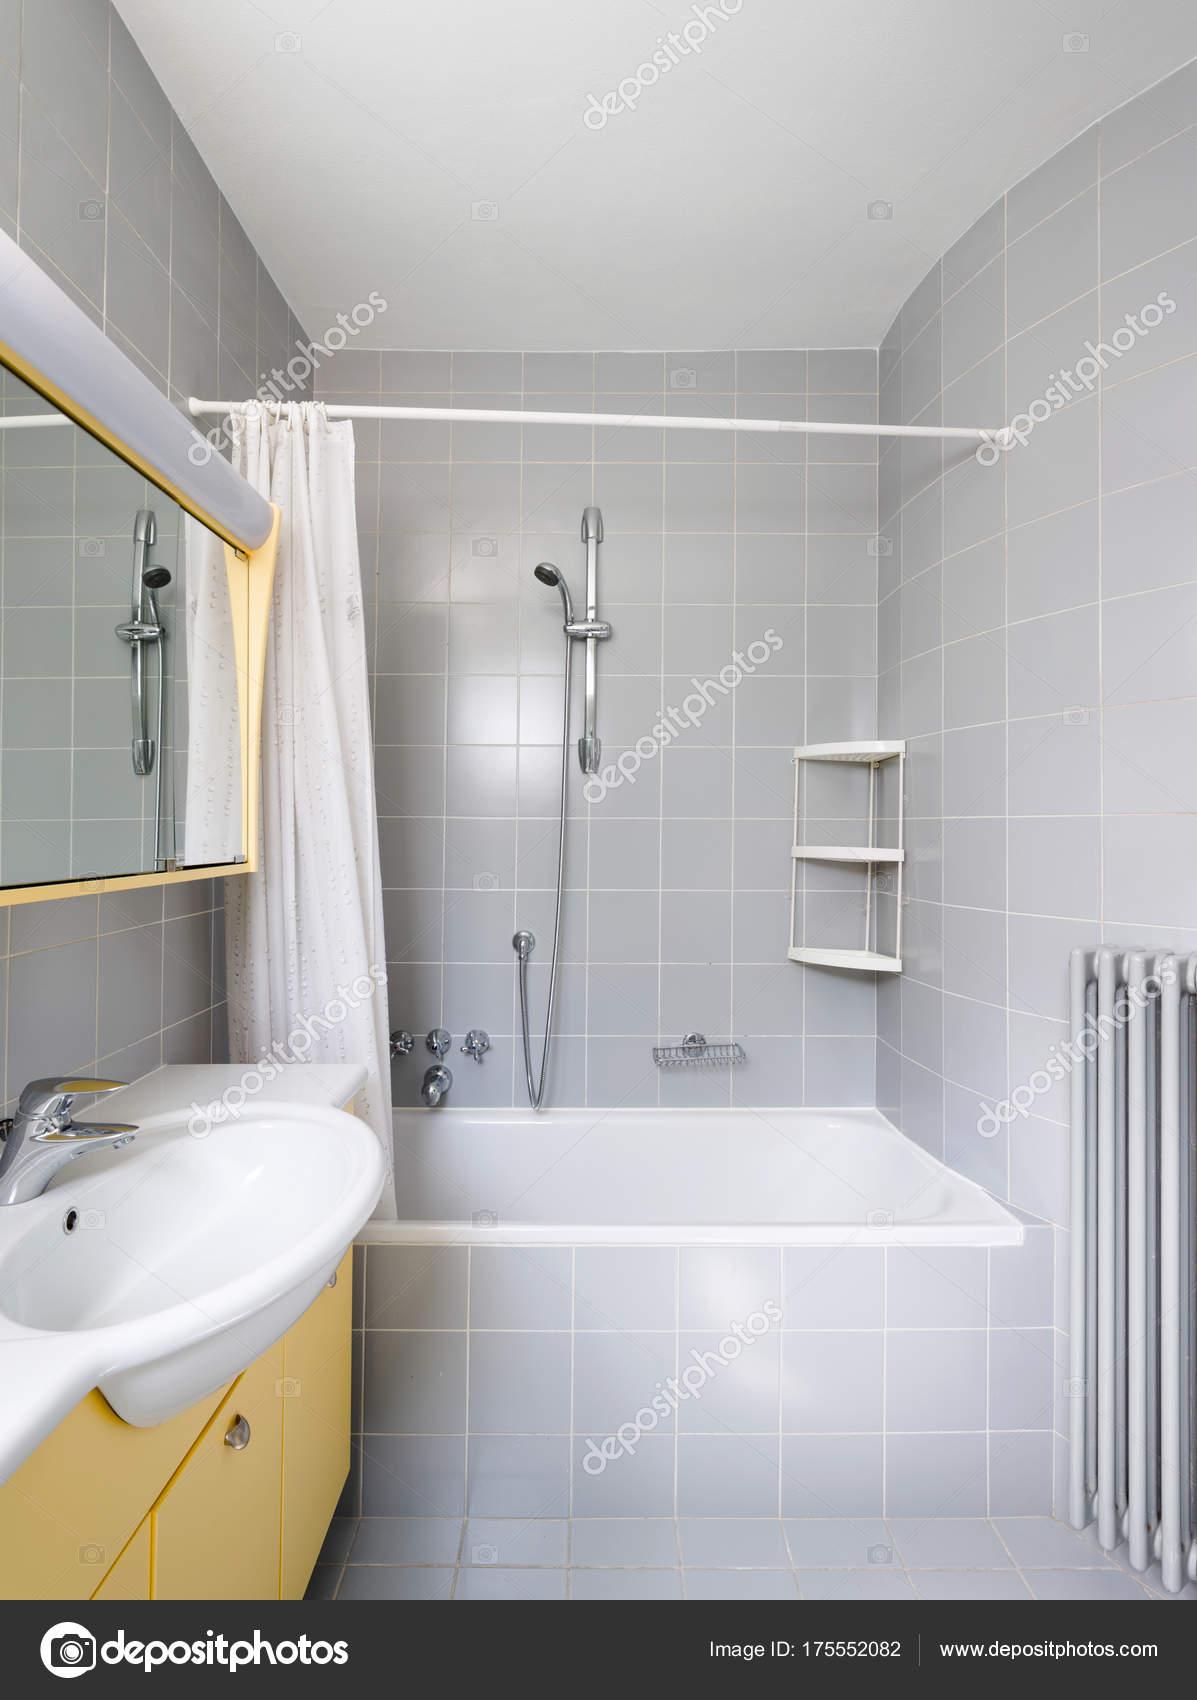 Salle de bain Vintage gris et jaune — Photographie Zveiger ...